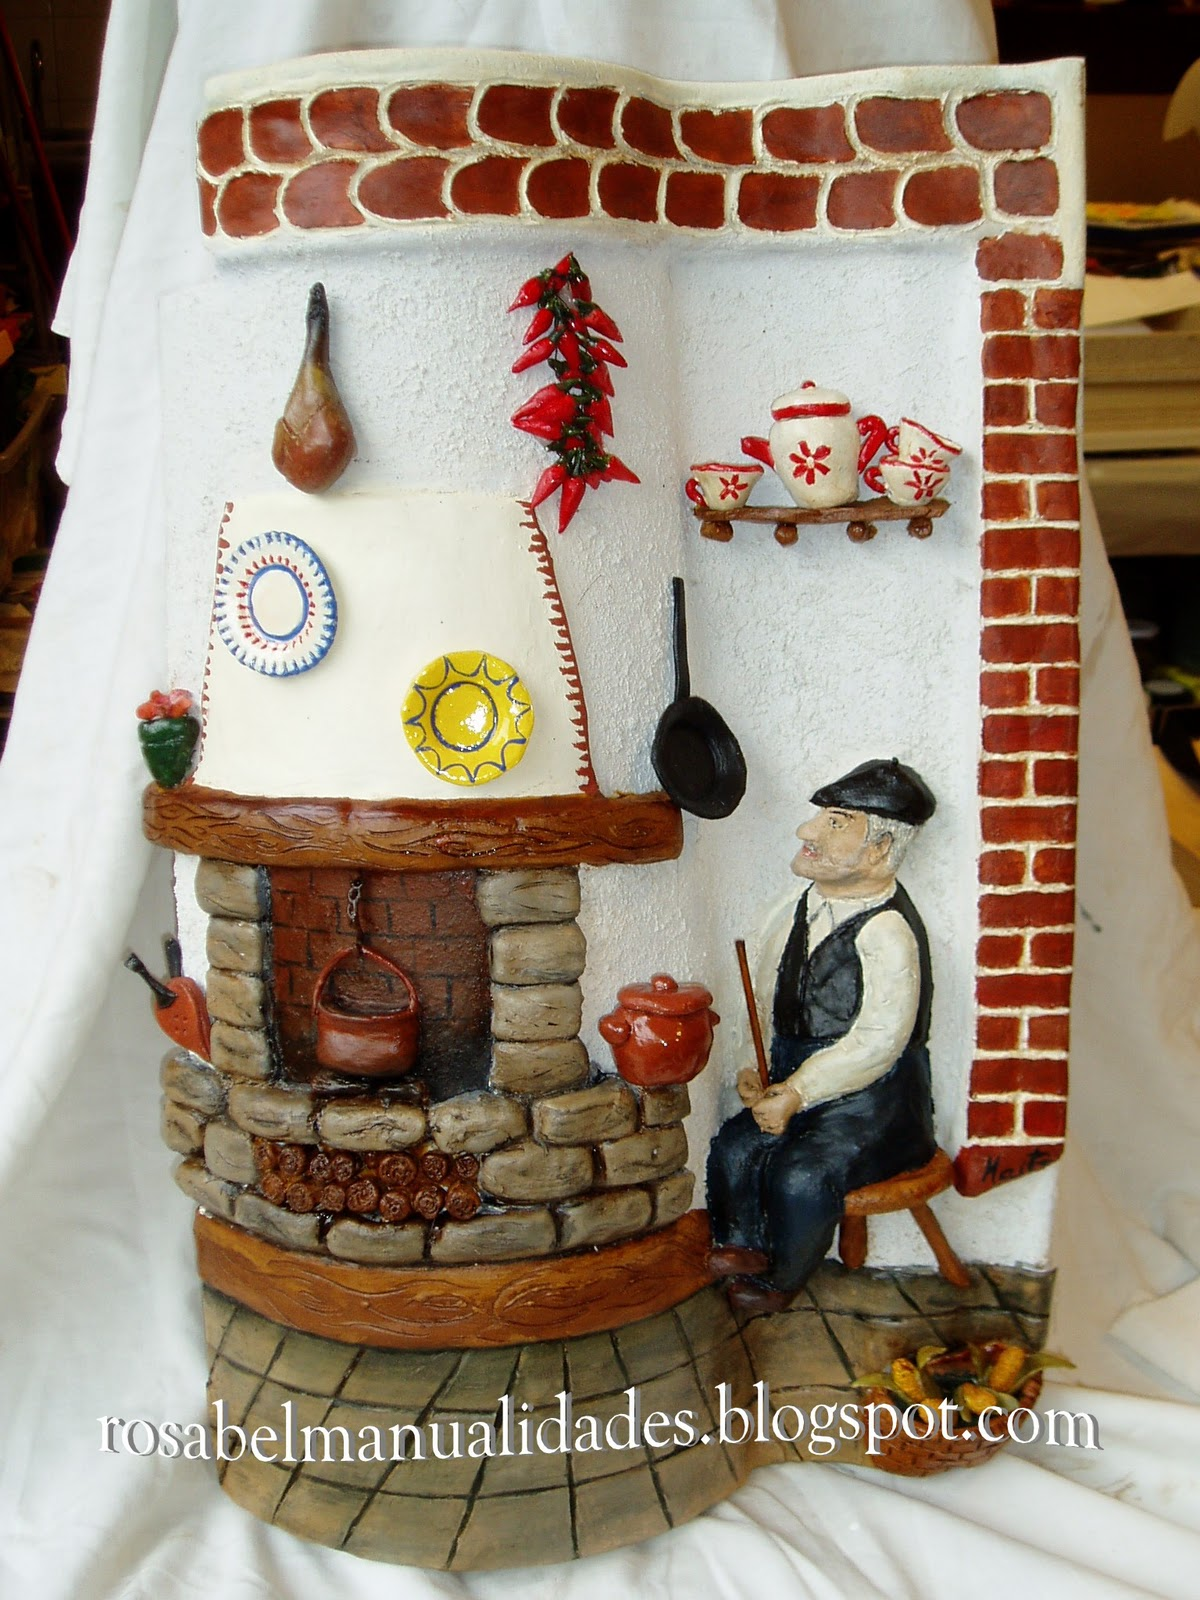 Rosabel manualidades tejas decoradas - Como decorar tejas rusticas ...